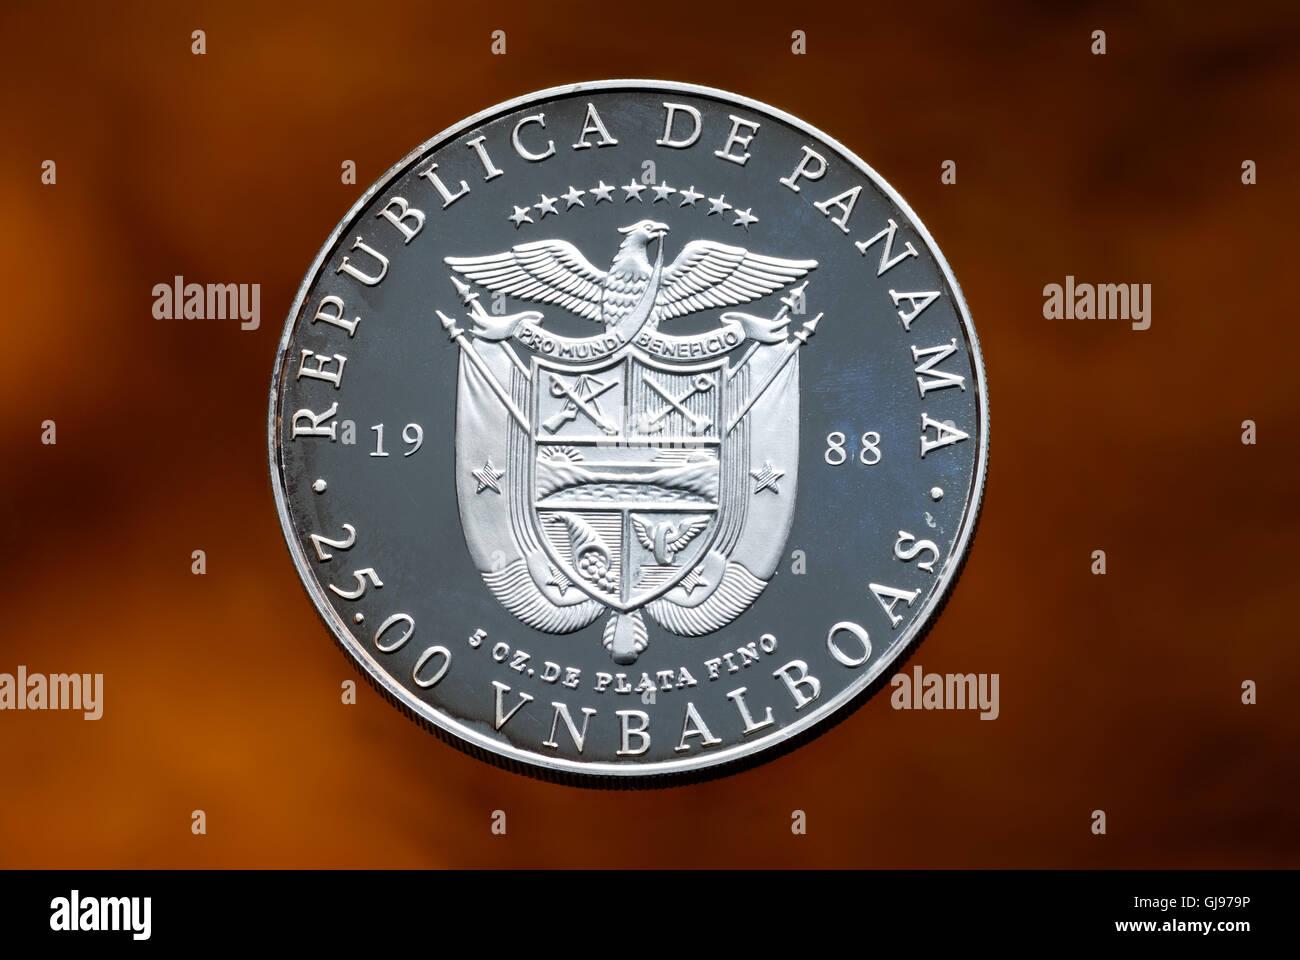 republika de panama, mumismatic, 1988, 25.00 vnbalboas, - Stock Image